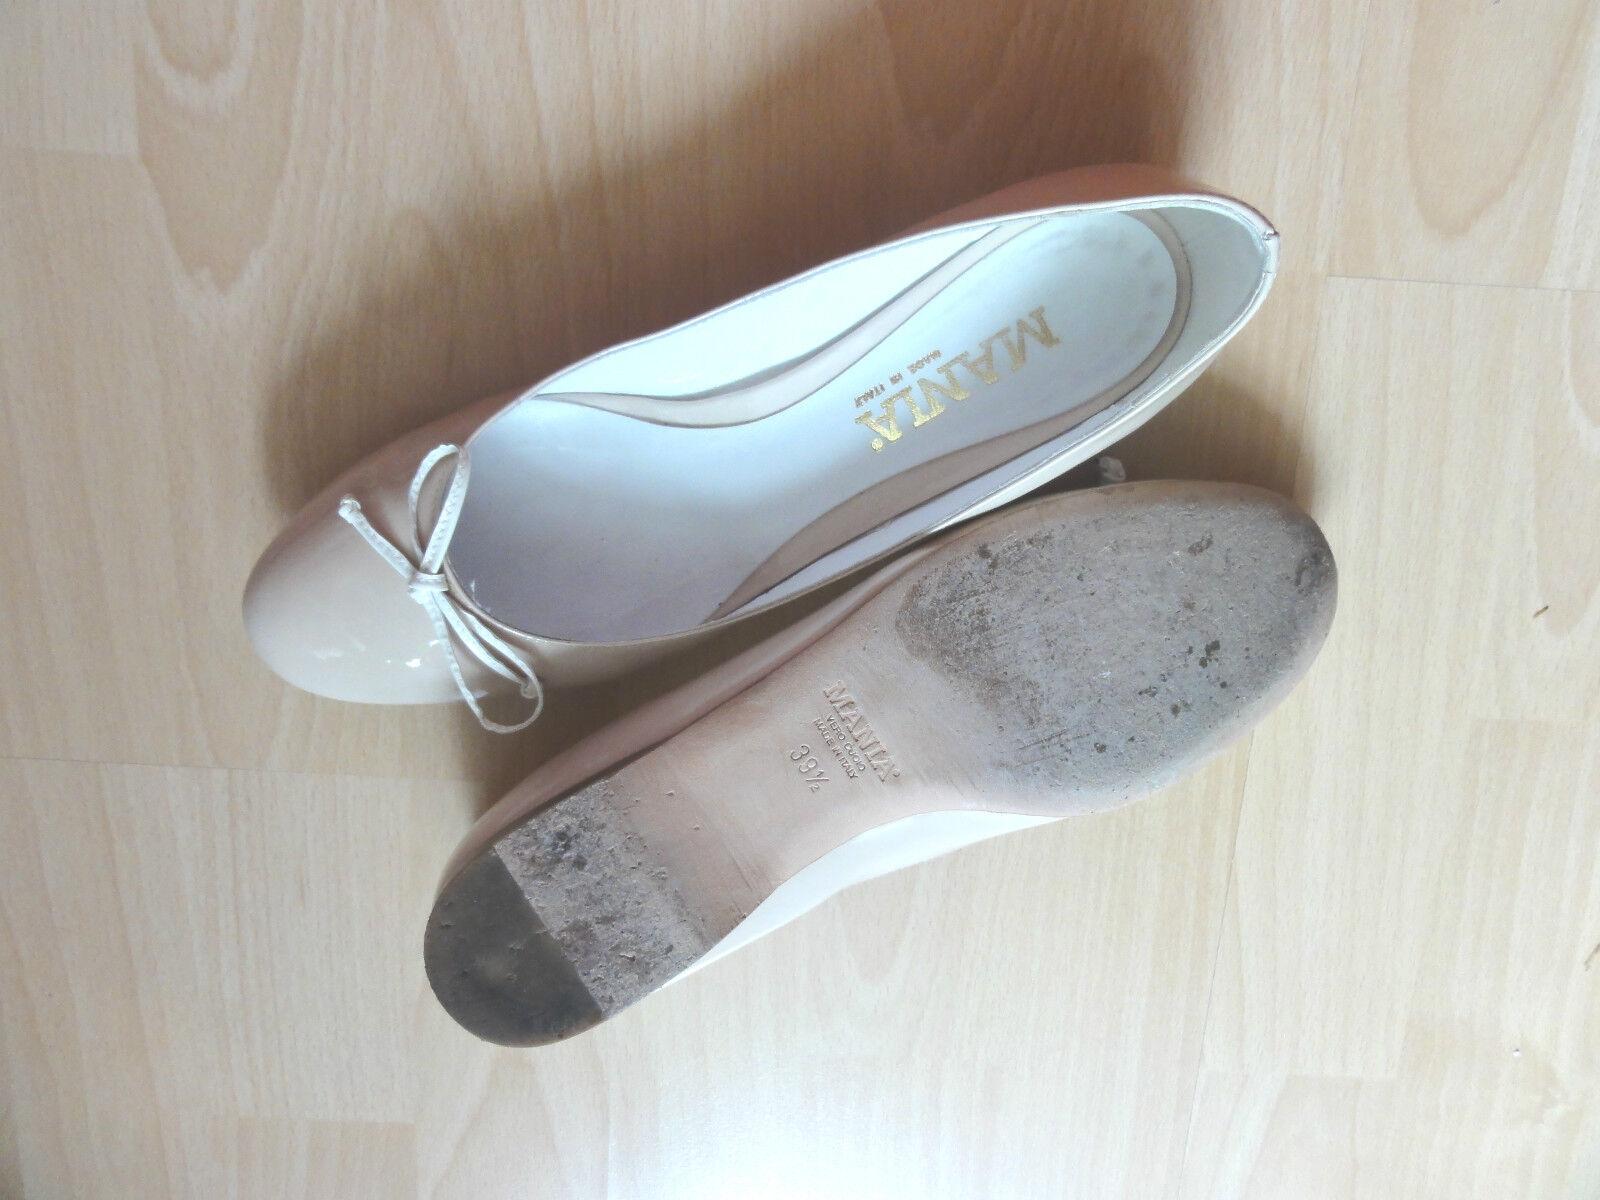 MANIA, Leder Schuhe, Ballerinas,Gr. 39,5 in Beige, NP NEU -  - wie NEU NP 907b80